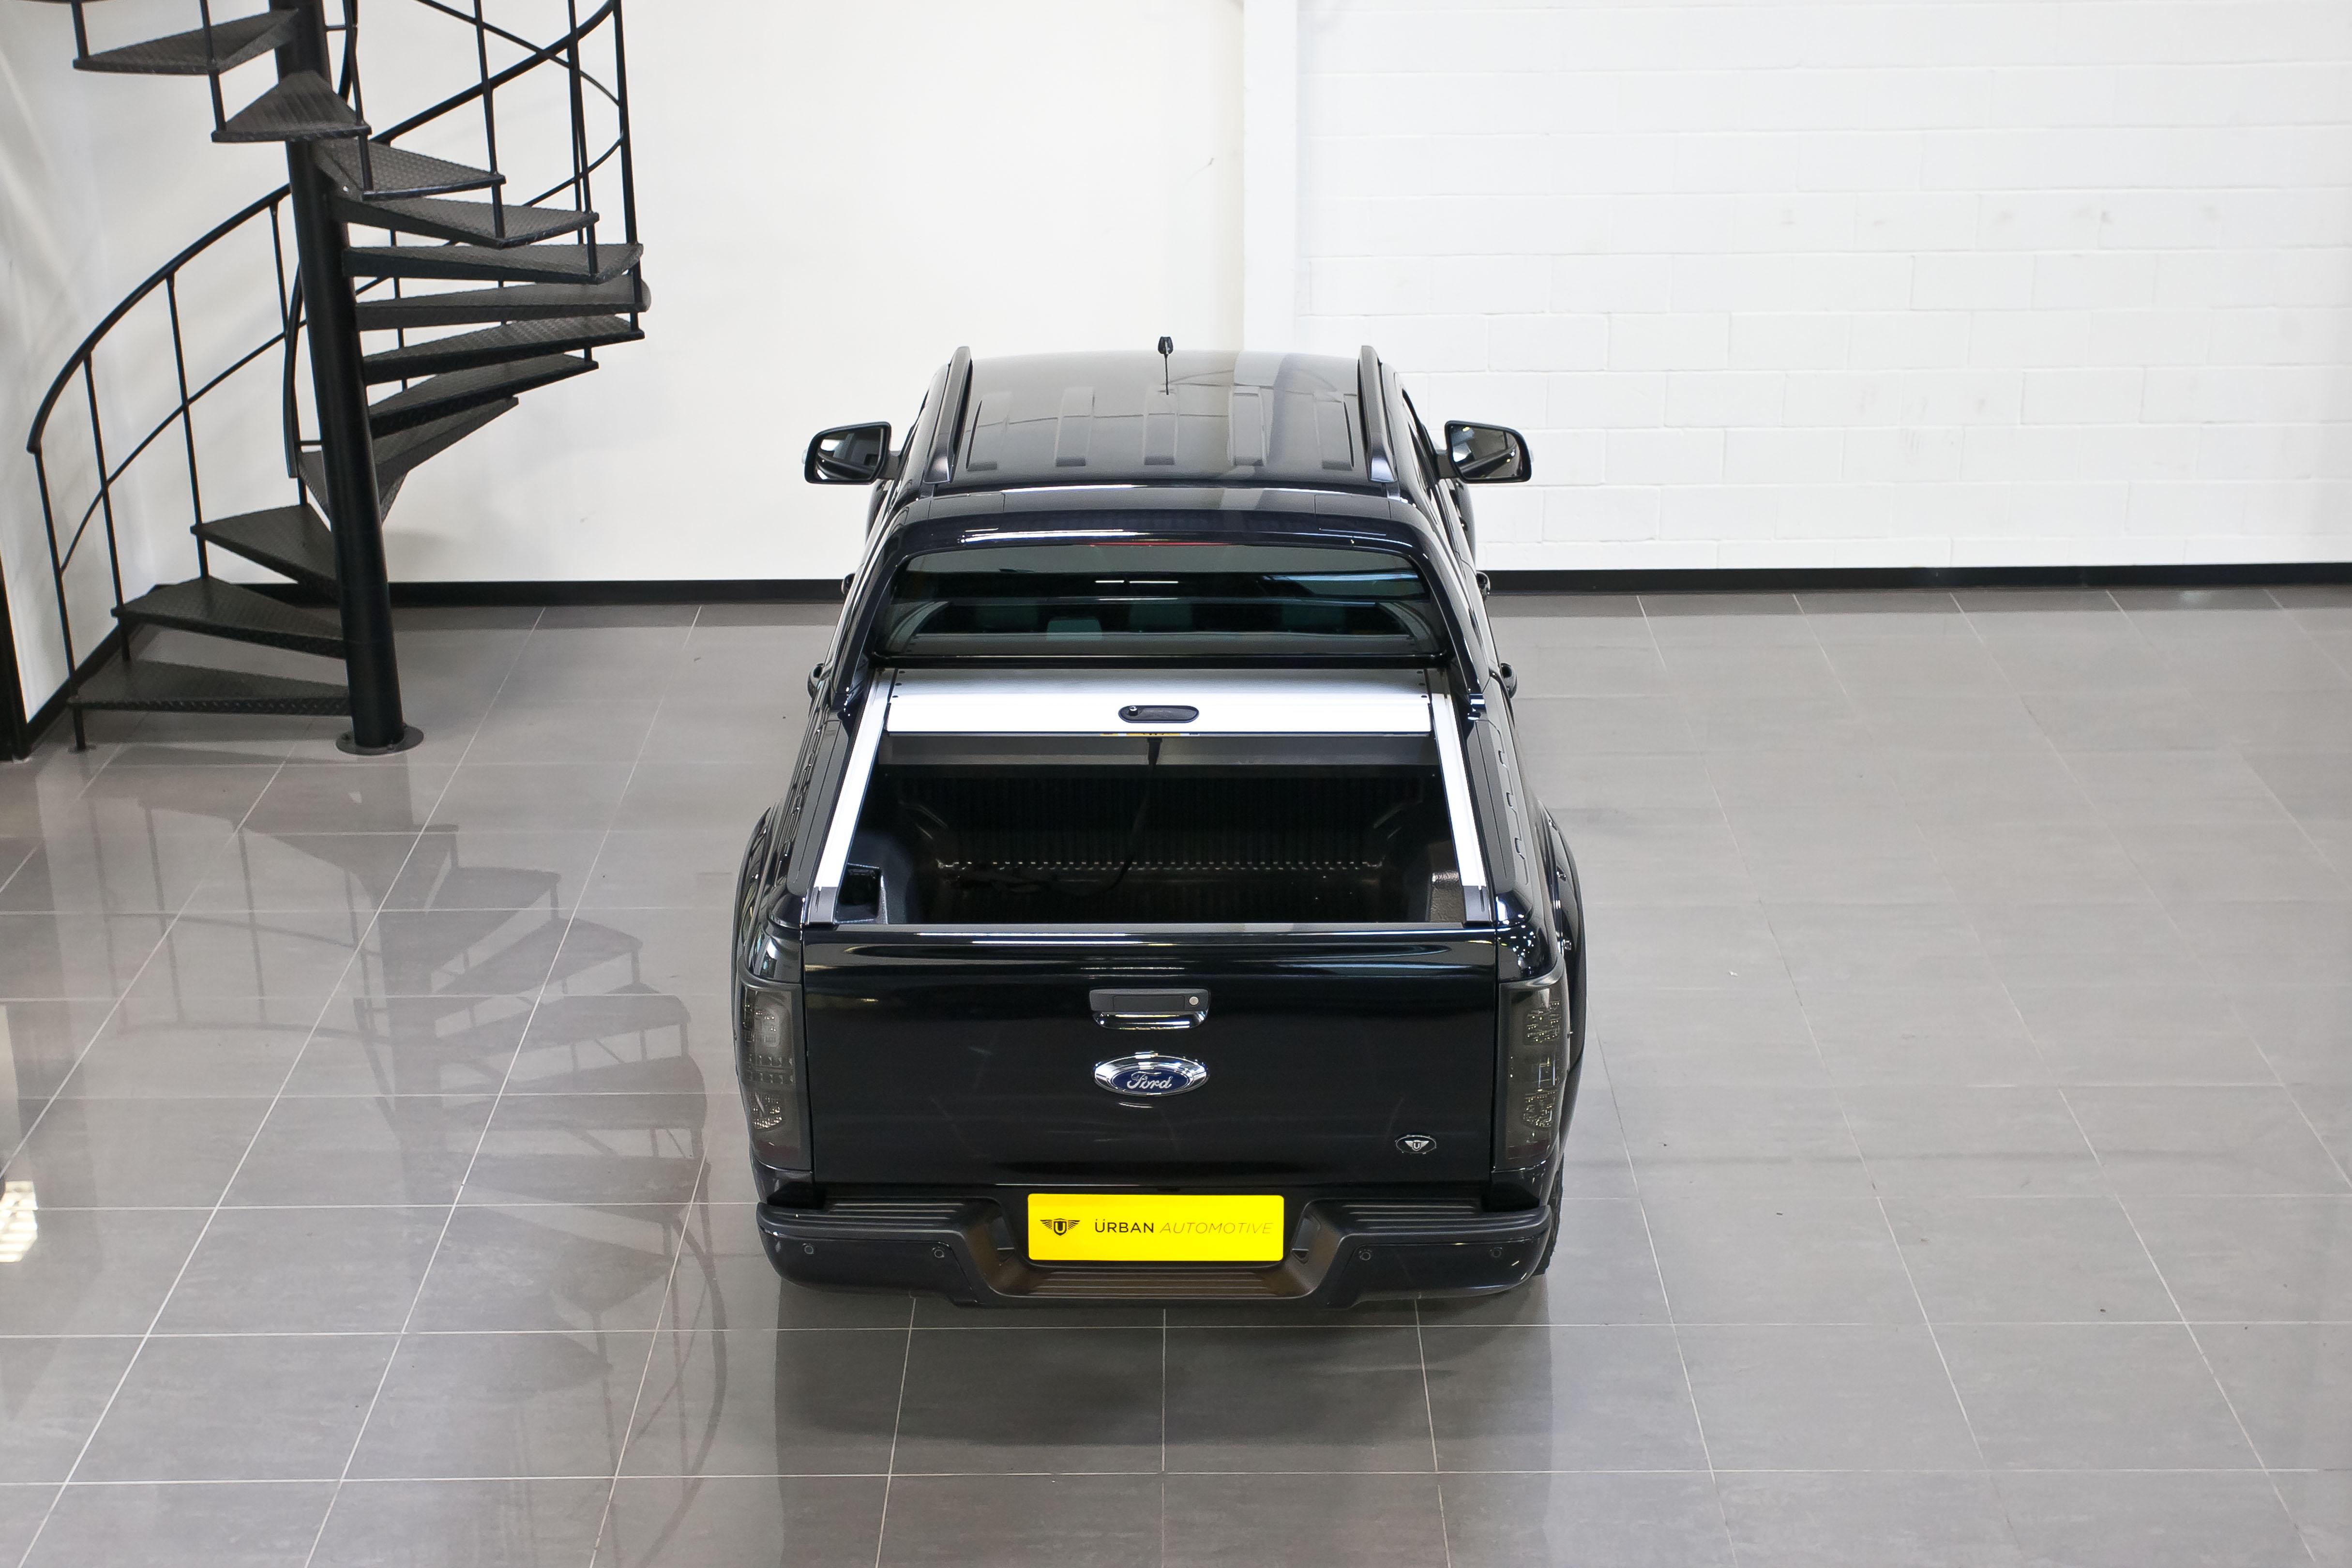 Urban Ford Ranger58